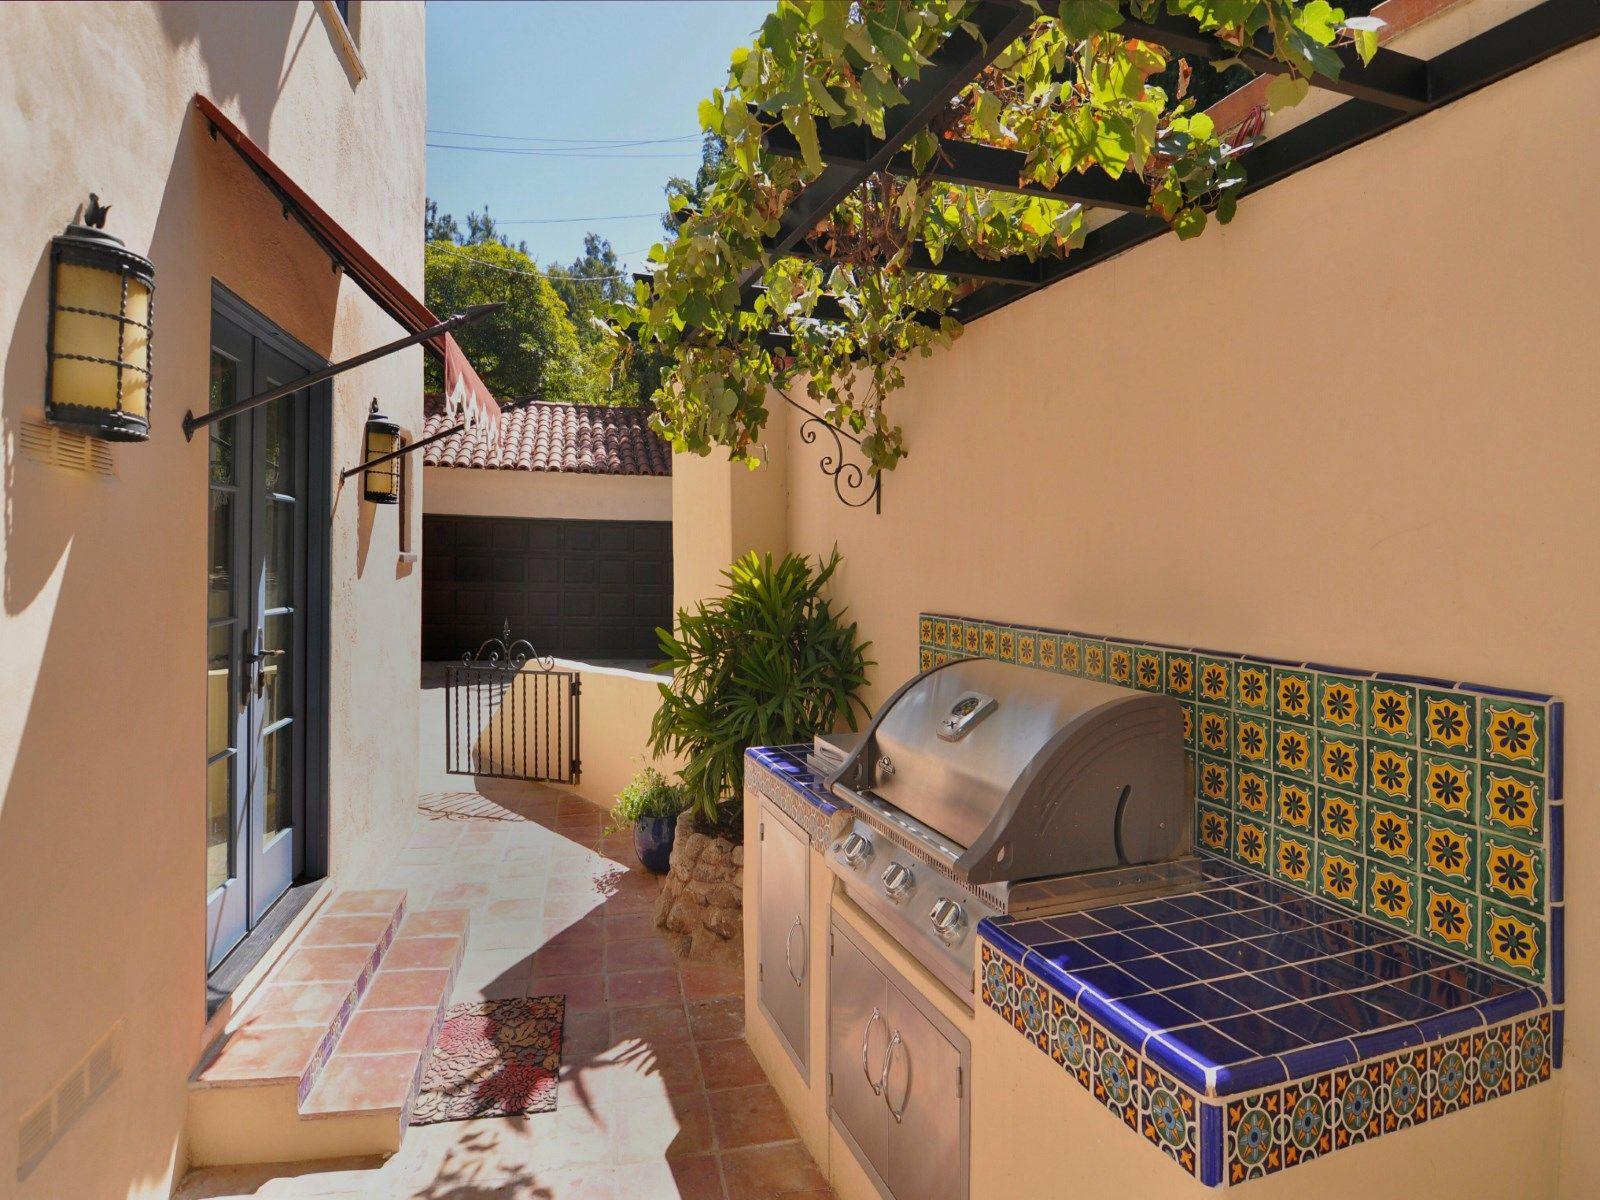 Outdoor Küchen Von Auersperg : Outdoor küchen auersperg: outdoor kueche feuer räucherofen grill